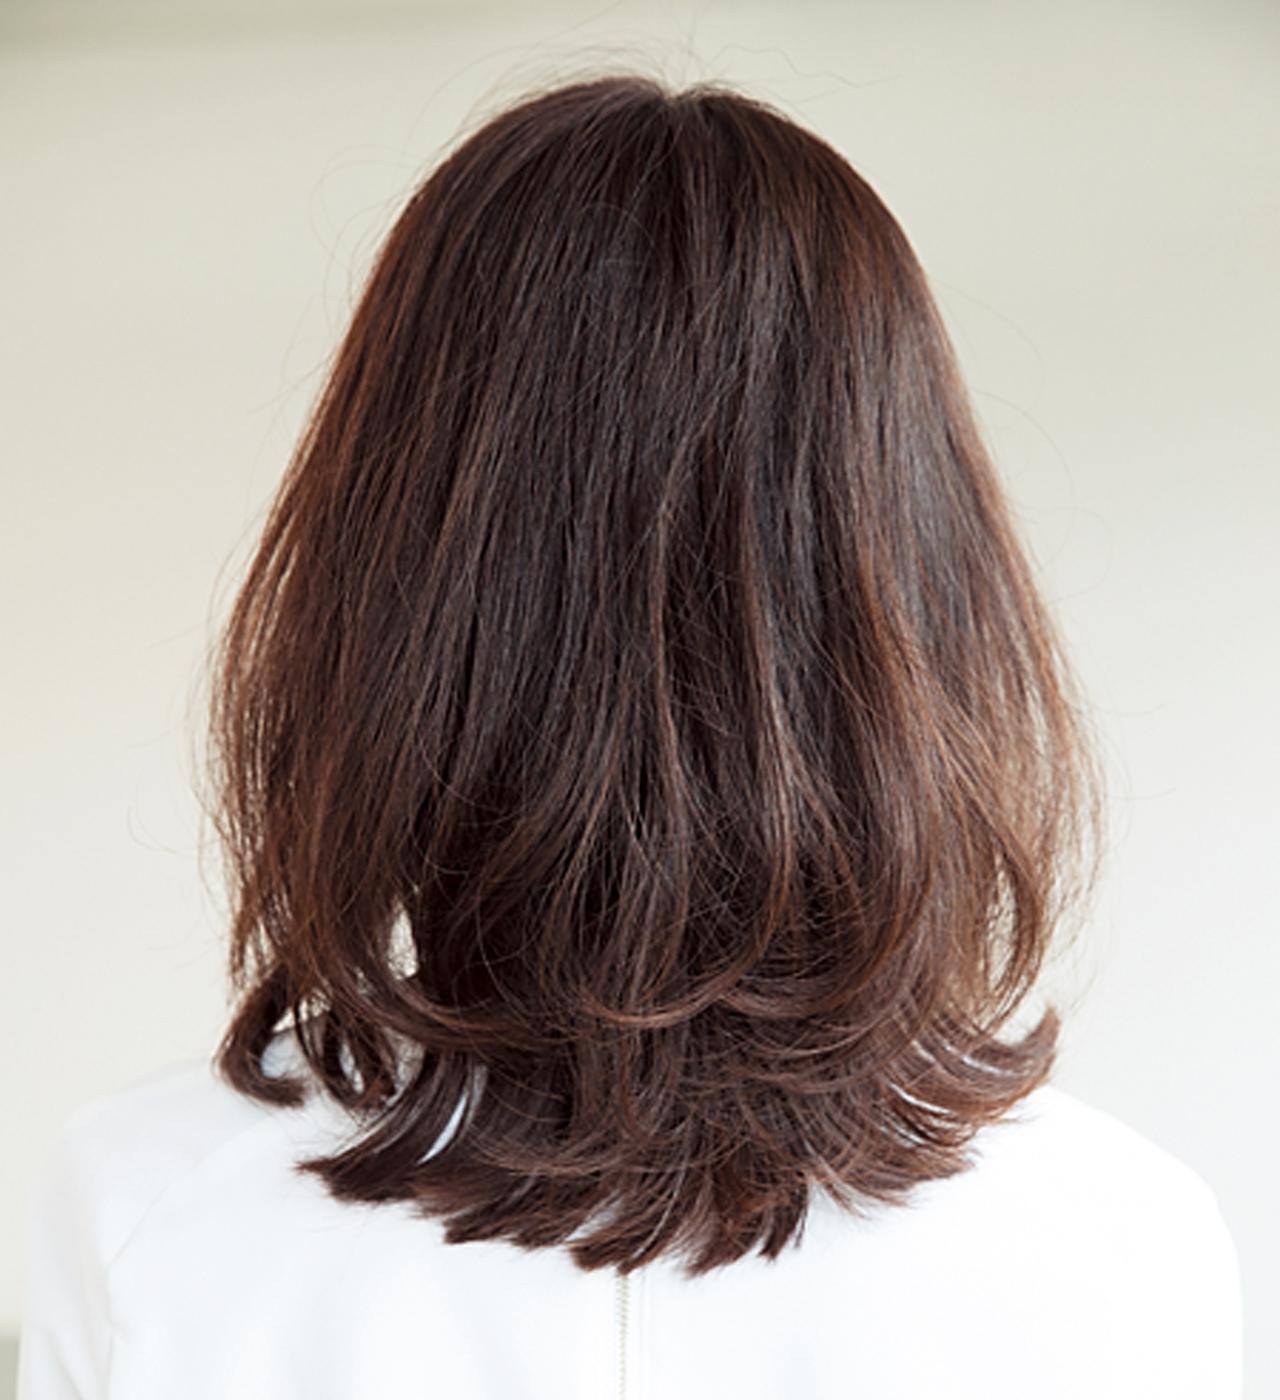 若見え効果抜群!丸みのある前髪で表情まで柔らかに【40代のミディアムヘア】_1_3